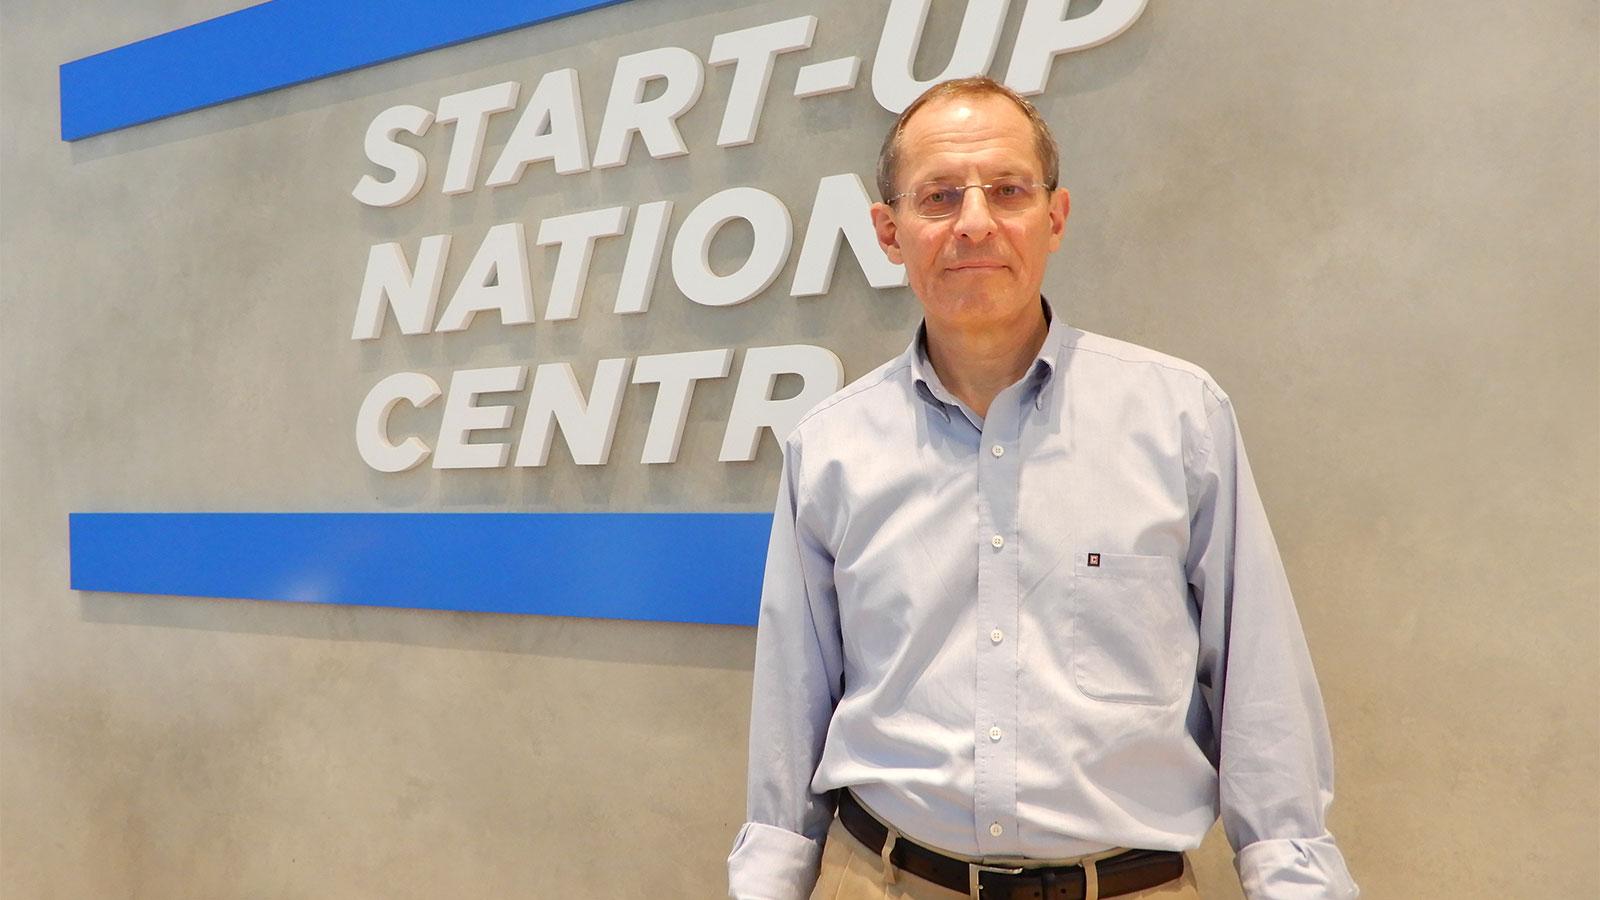 元イスラエル首相経済顧問が語る、日本がイスラエルとオープンイノベーションする方策